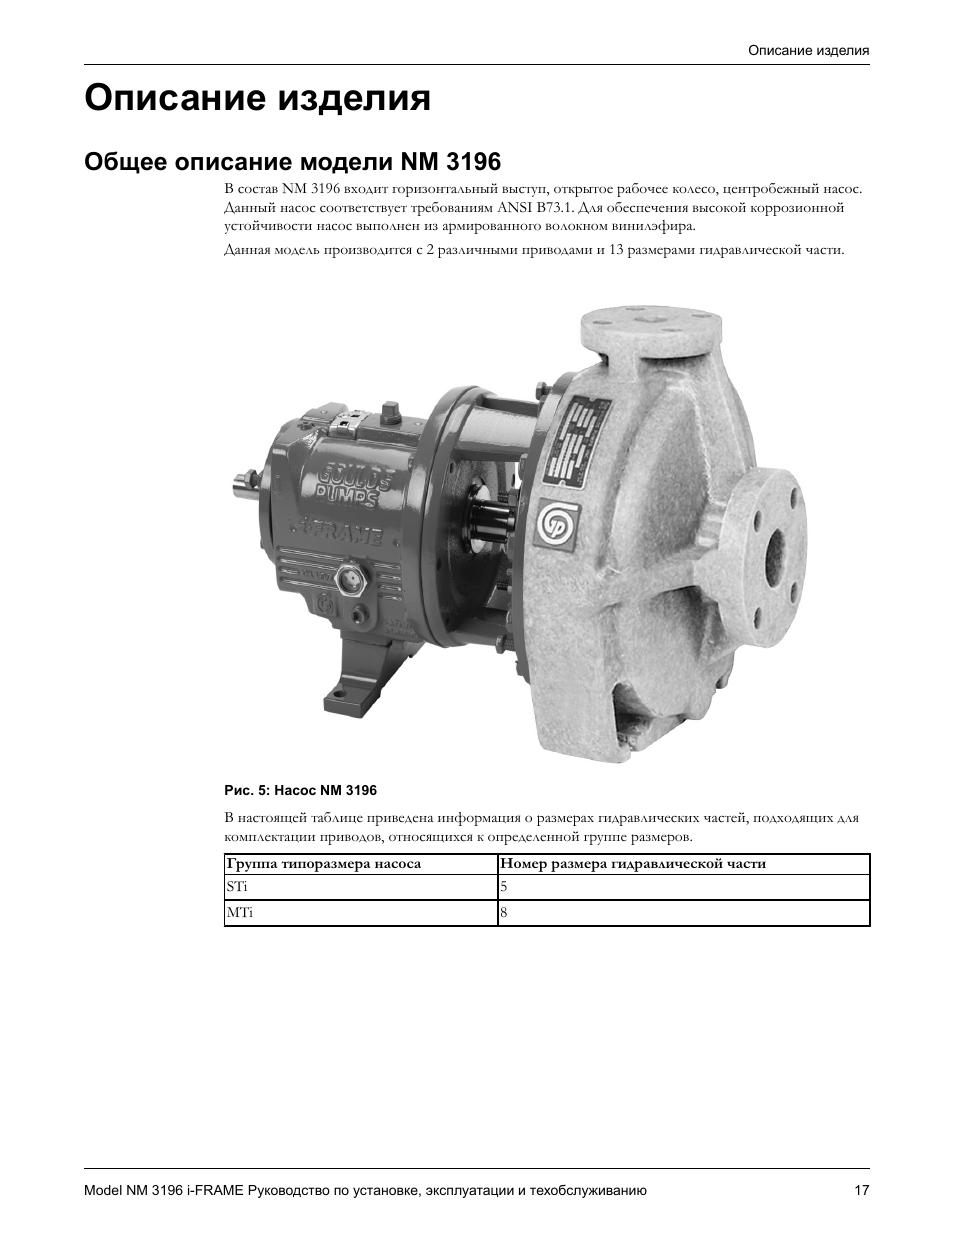 Описание изделия, Общее описание модели nm 3196 | Инструкция